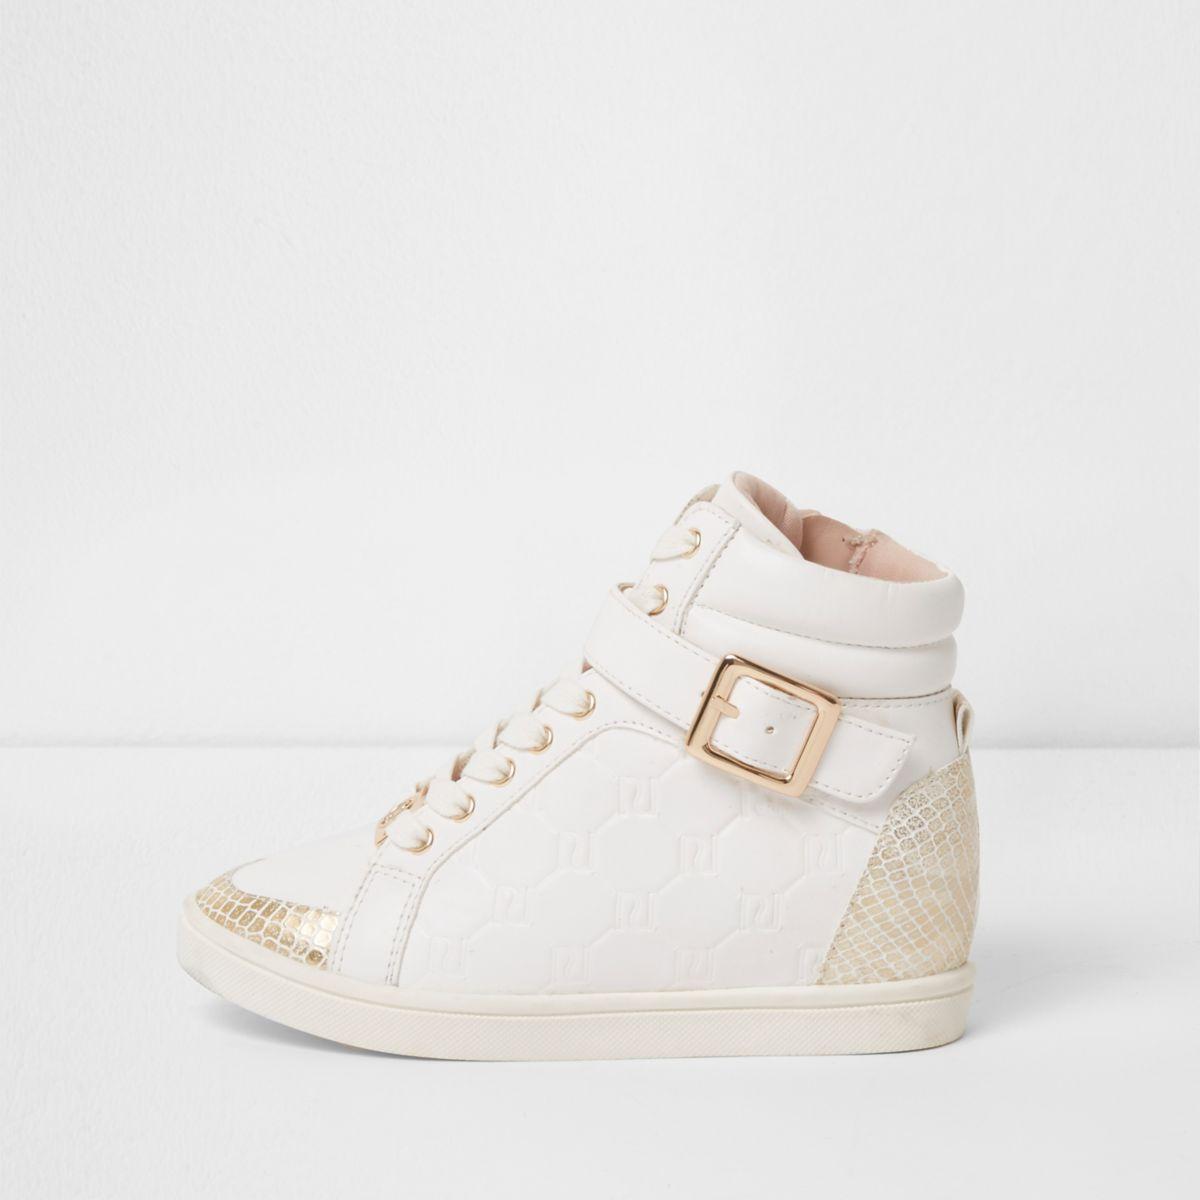 Weiße Hi-Top-Sneaker mit RI-Prägung und Keilabsatz